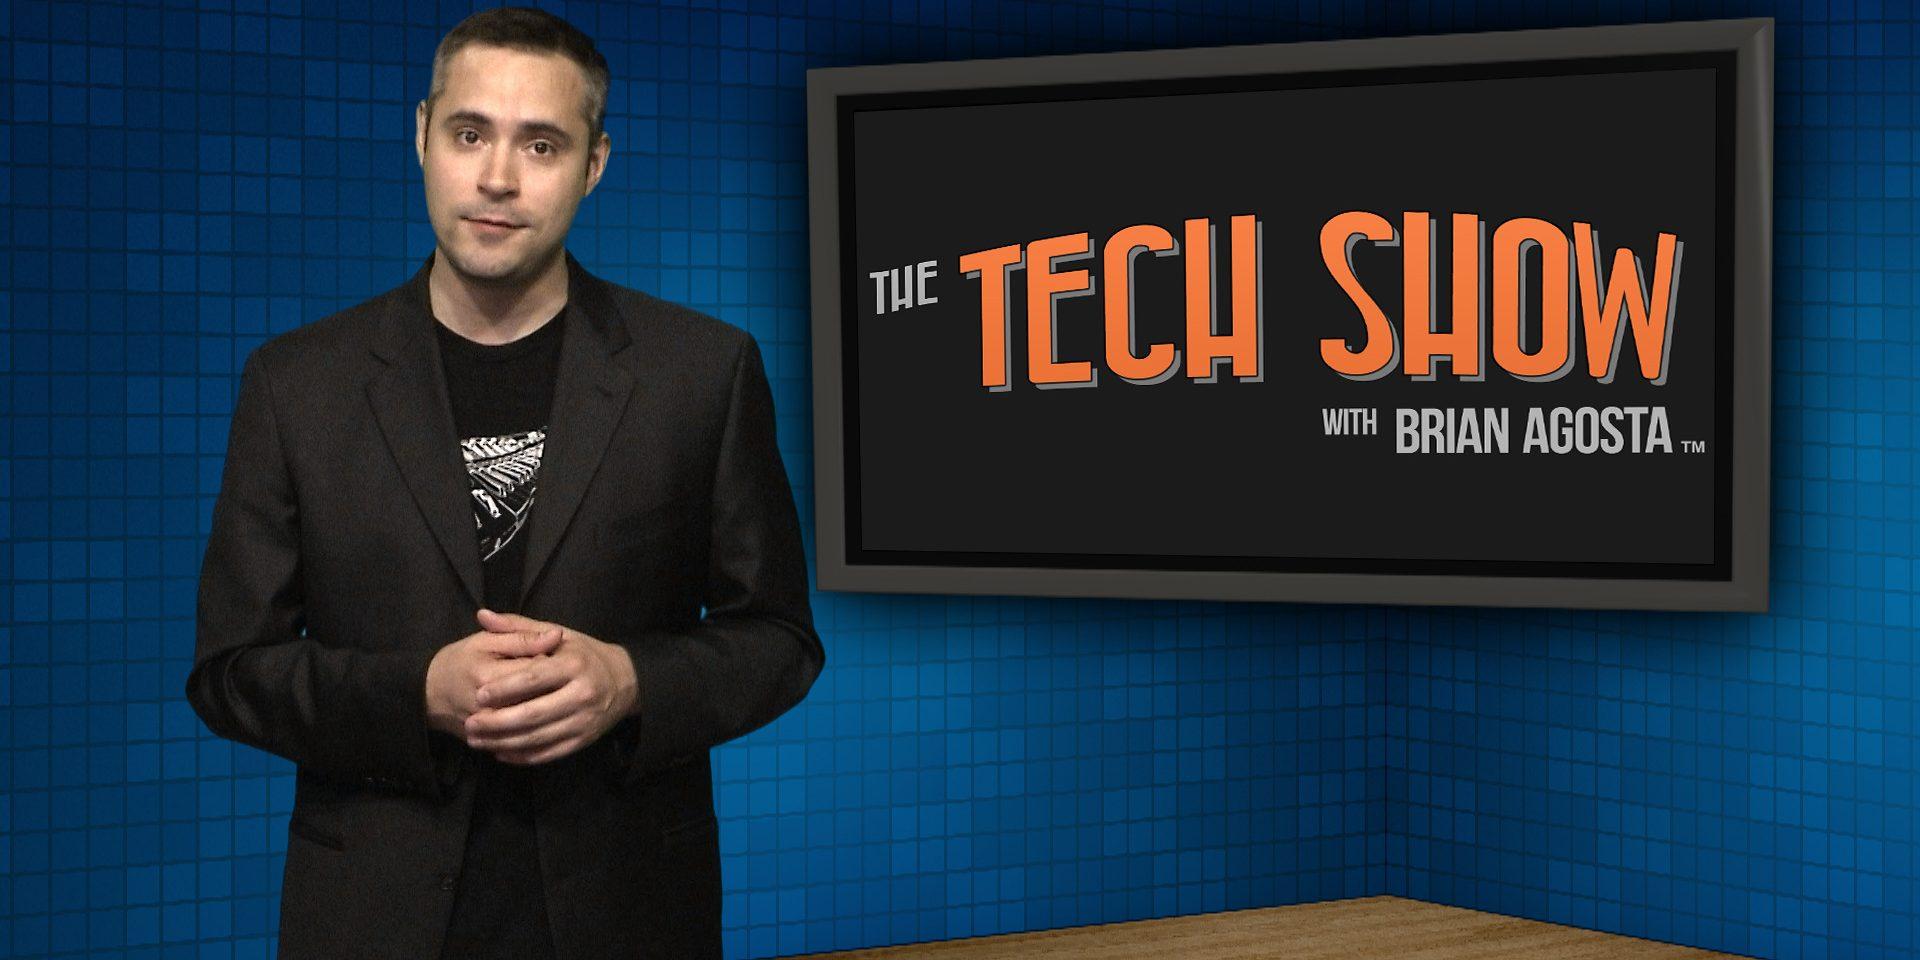 img_video_still_tech_show_03